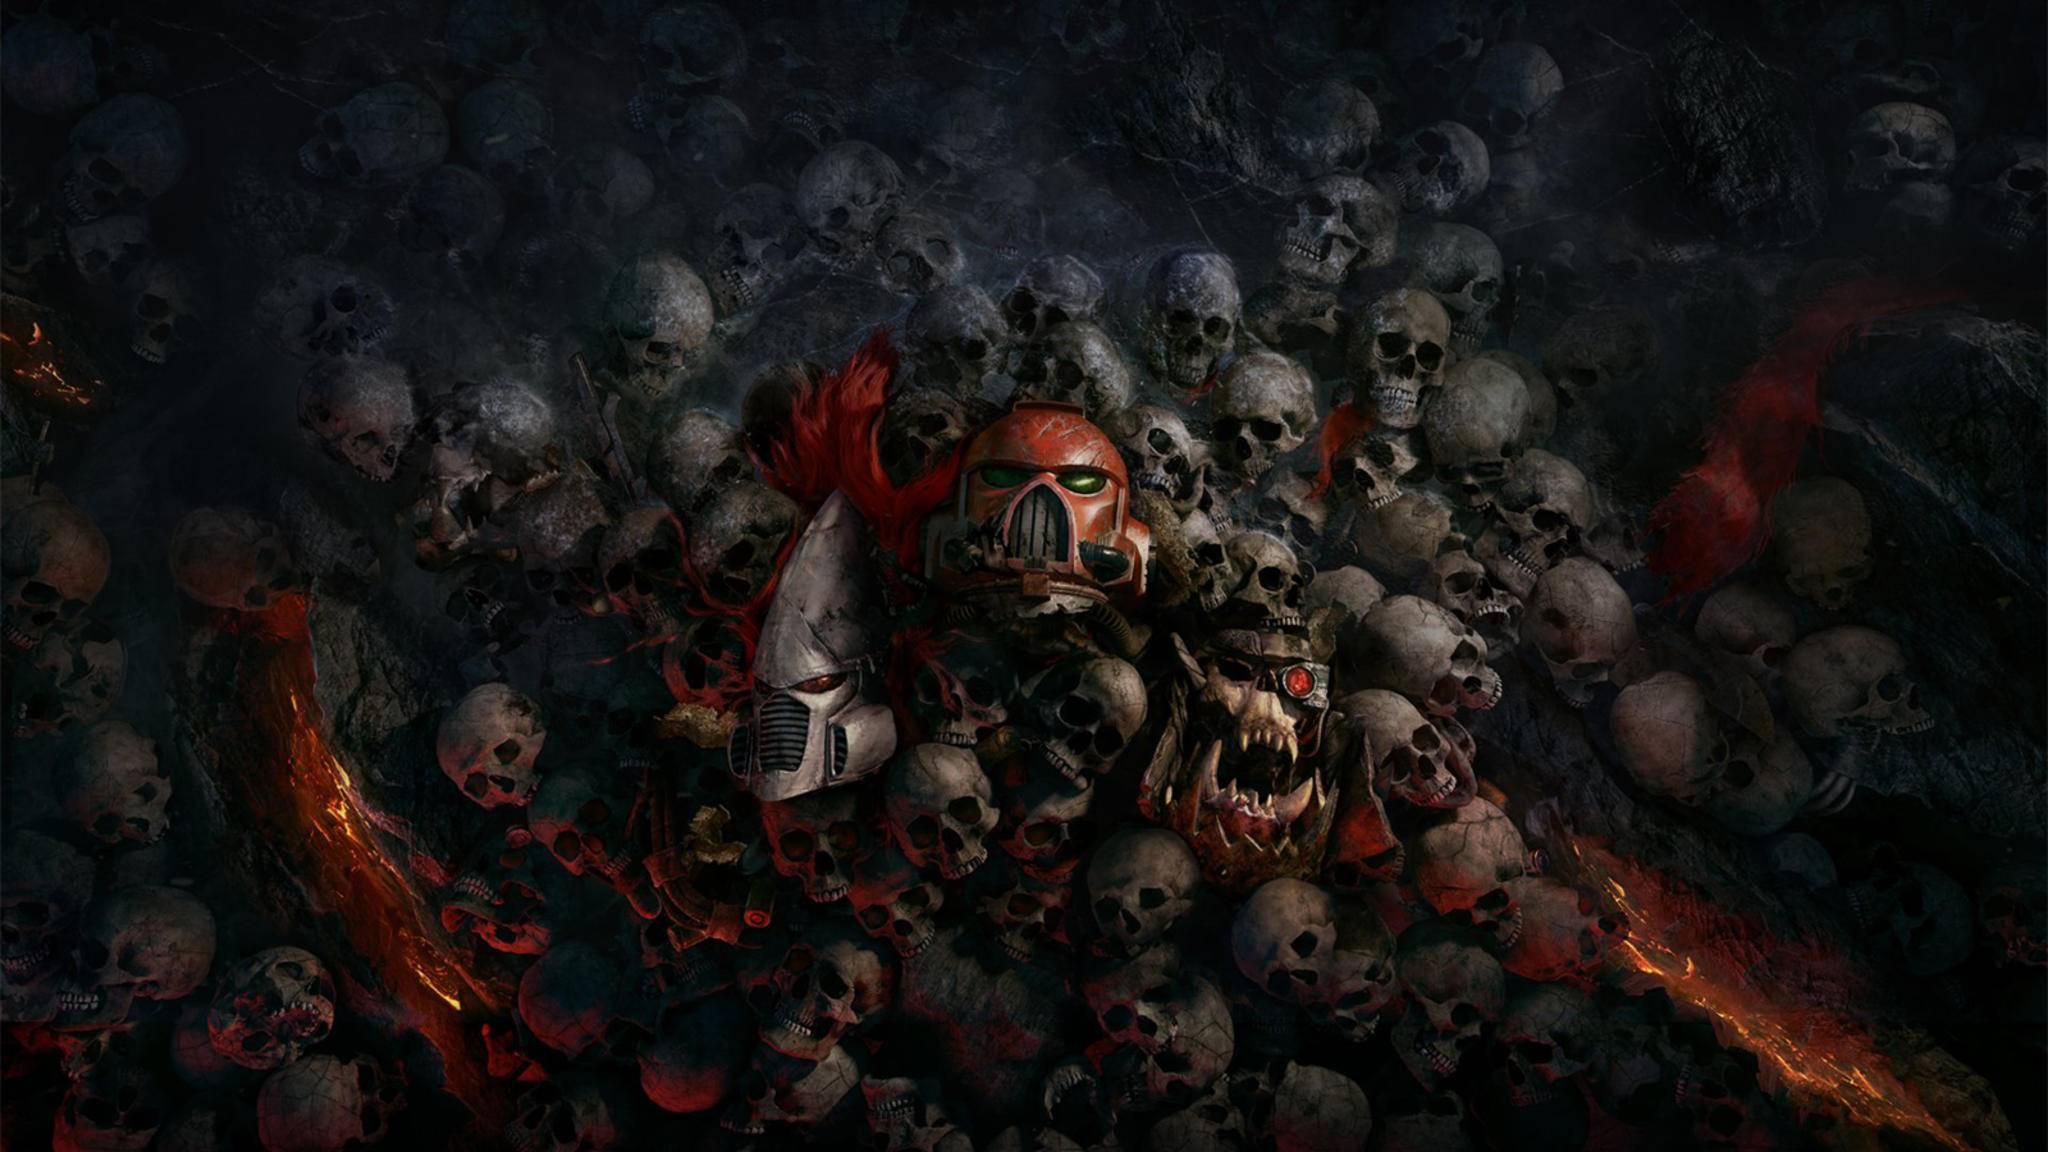 Der neueste Titel der Warhammer-Reihe kommt Ende April.